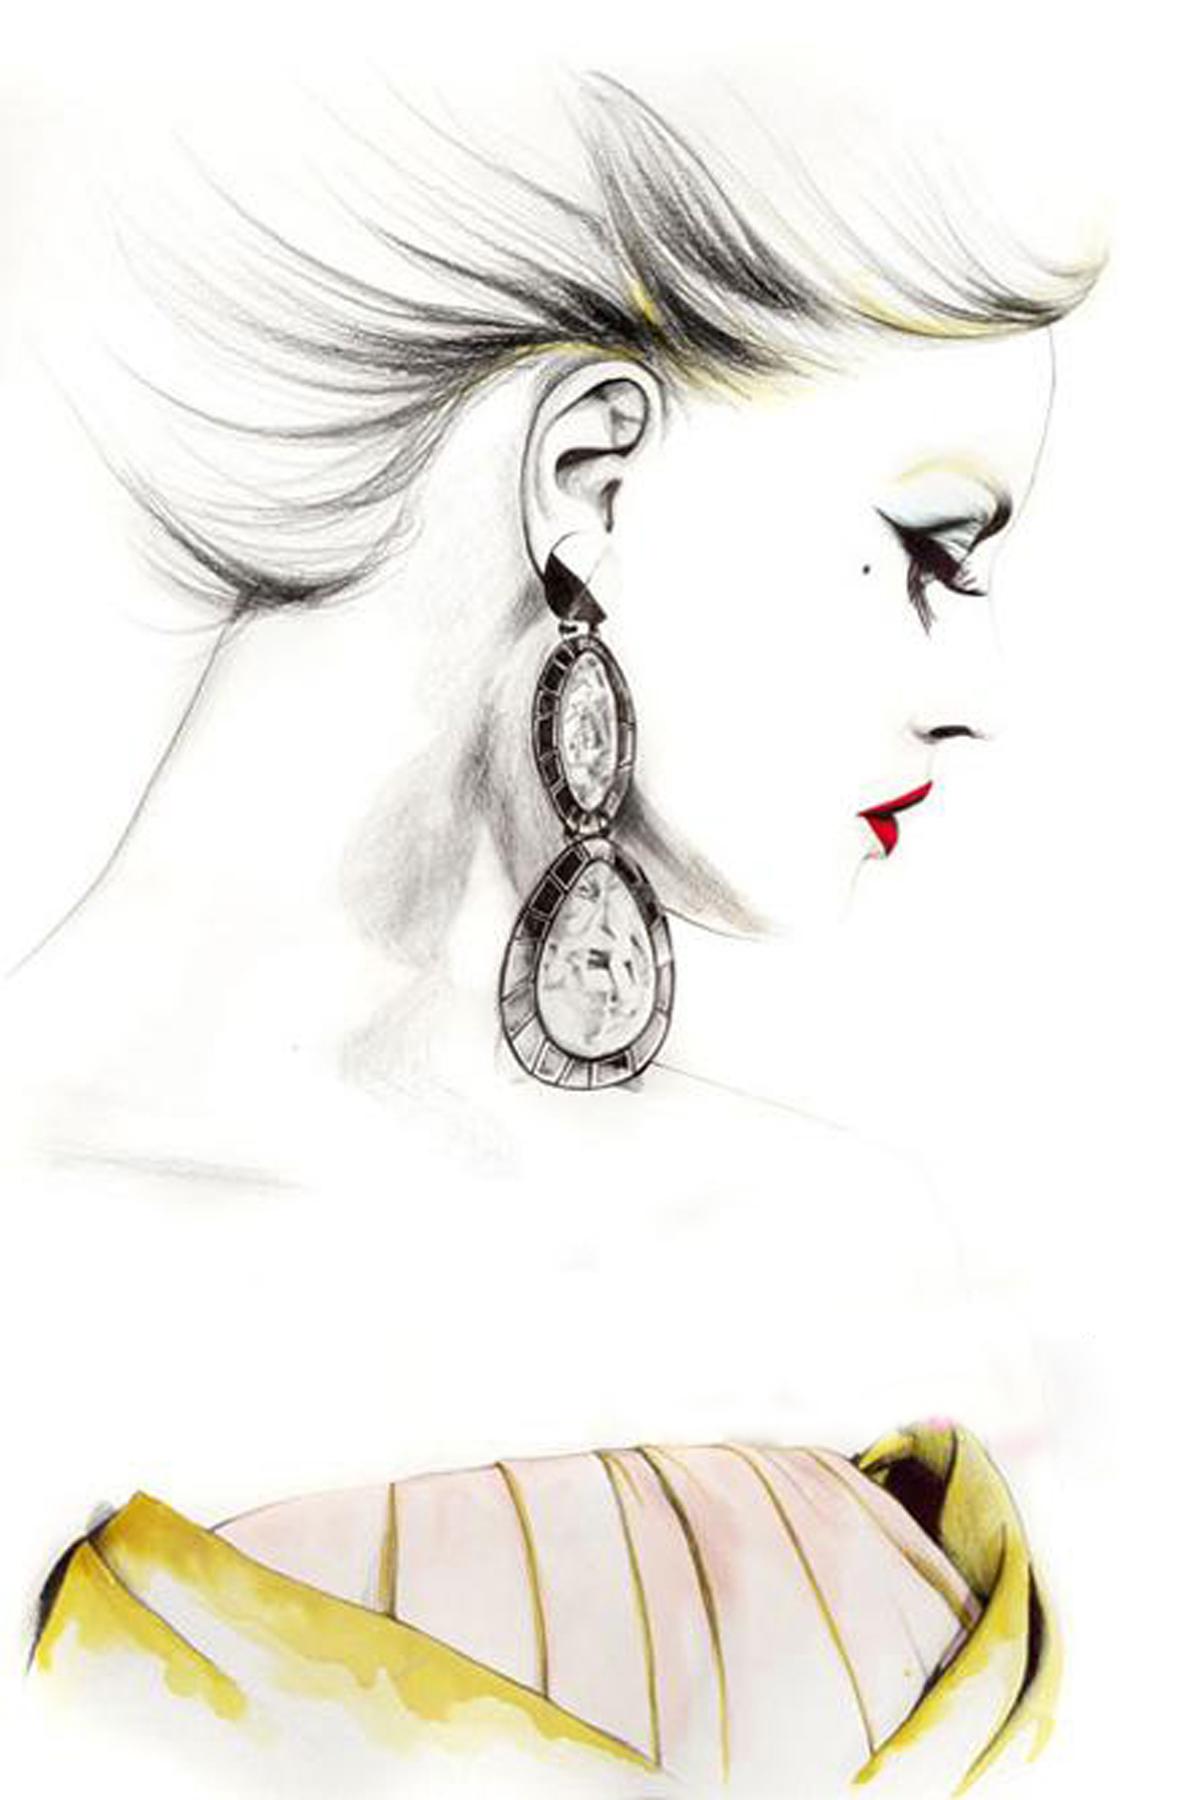 在绘制婚纱礼服手稿时,设计师可选择的材料和工具十分繁多.